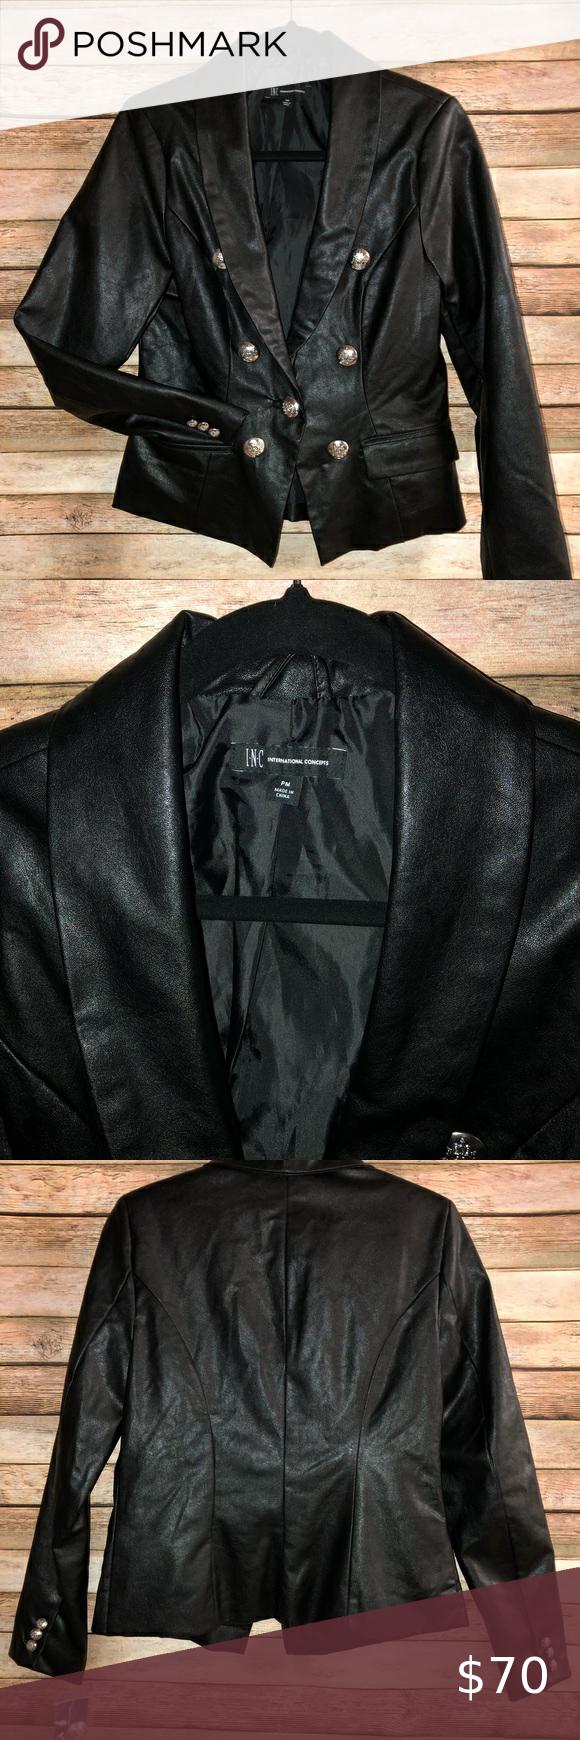 Inc Womens Black Leather Blazer Jacket Nwt Womens Black Leather Blazer Black Leather Blazer Leather Blazer Jacket [ 1740 x 580 Pixel ]